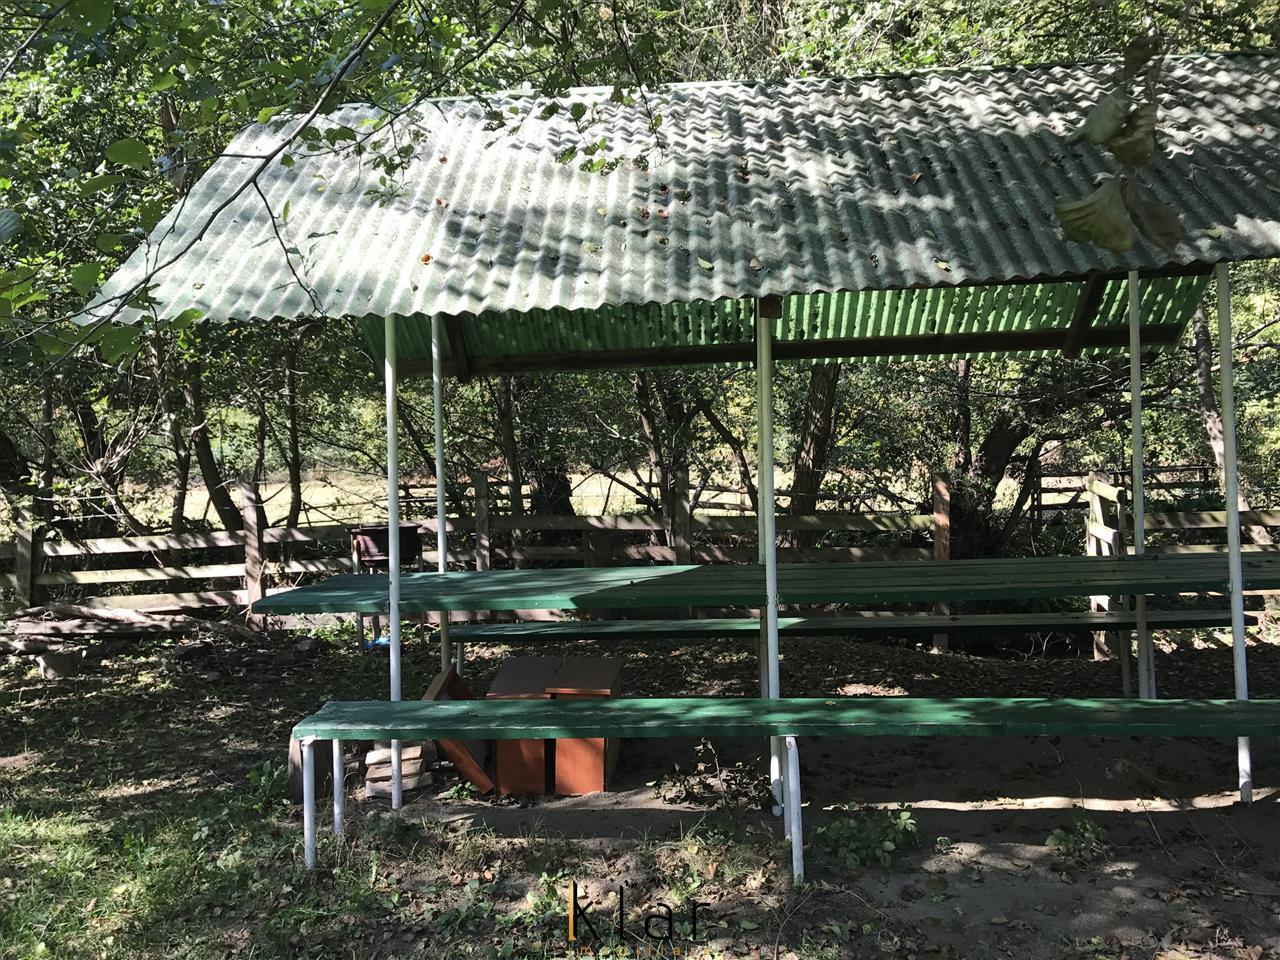 Teren  pentru cabana/casa/pensiune  locatia perfecta pentru  relaxare